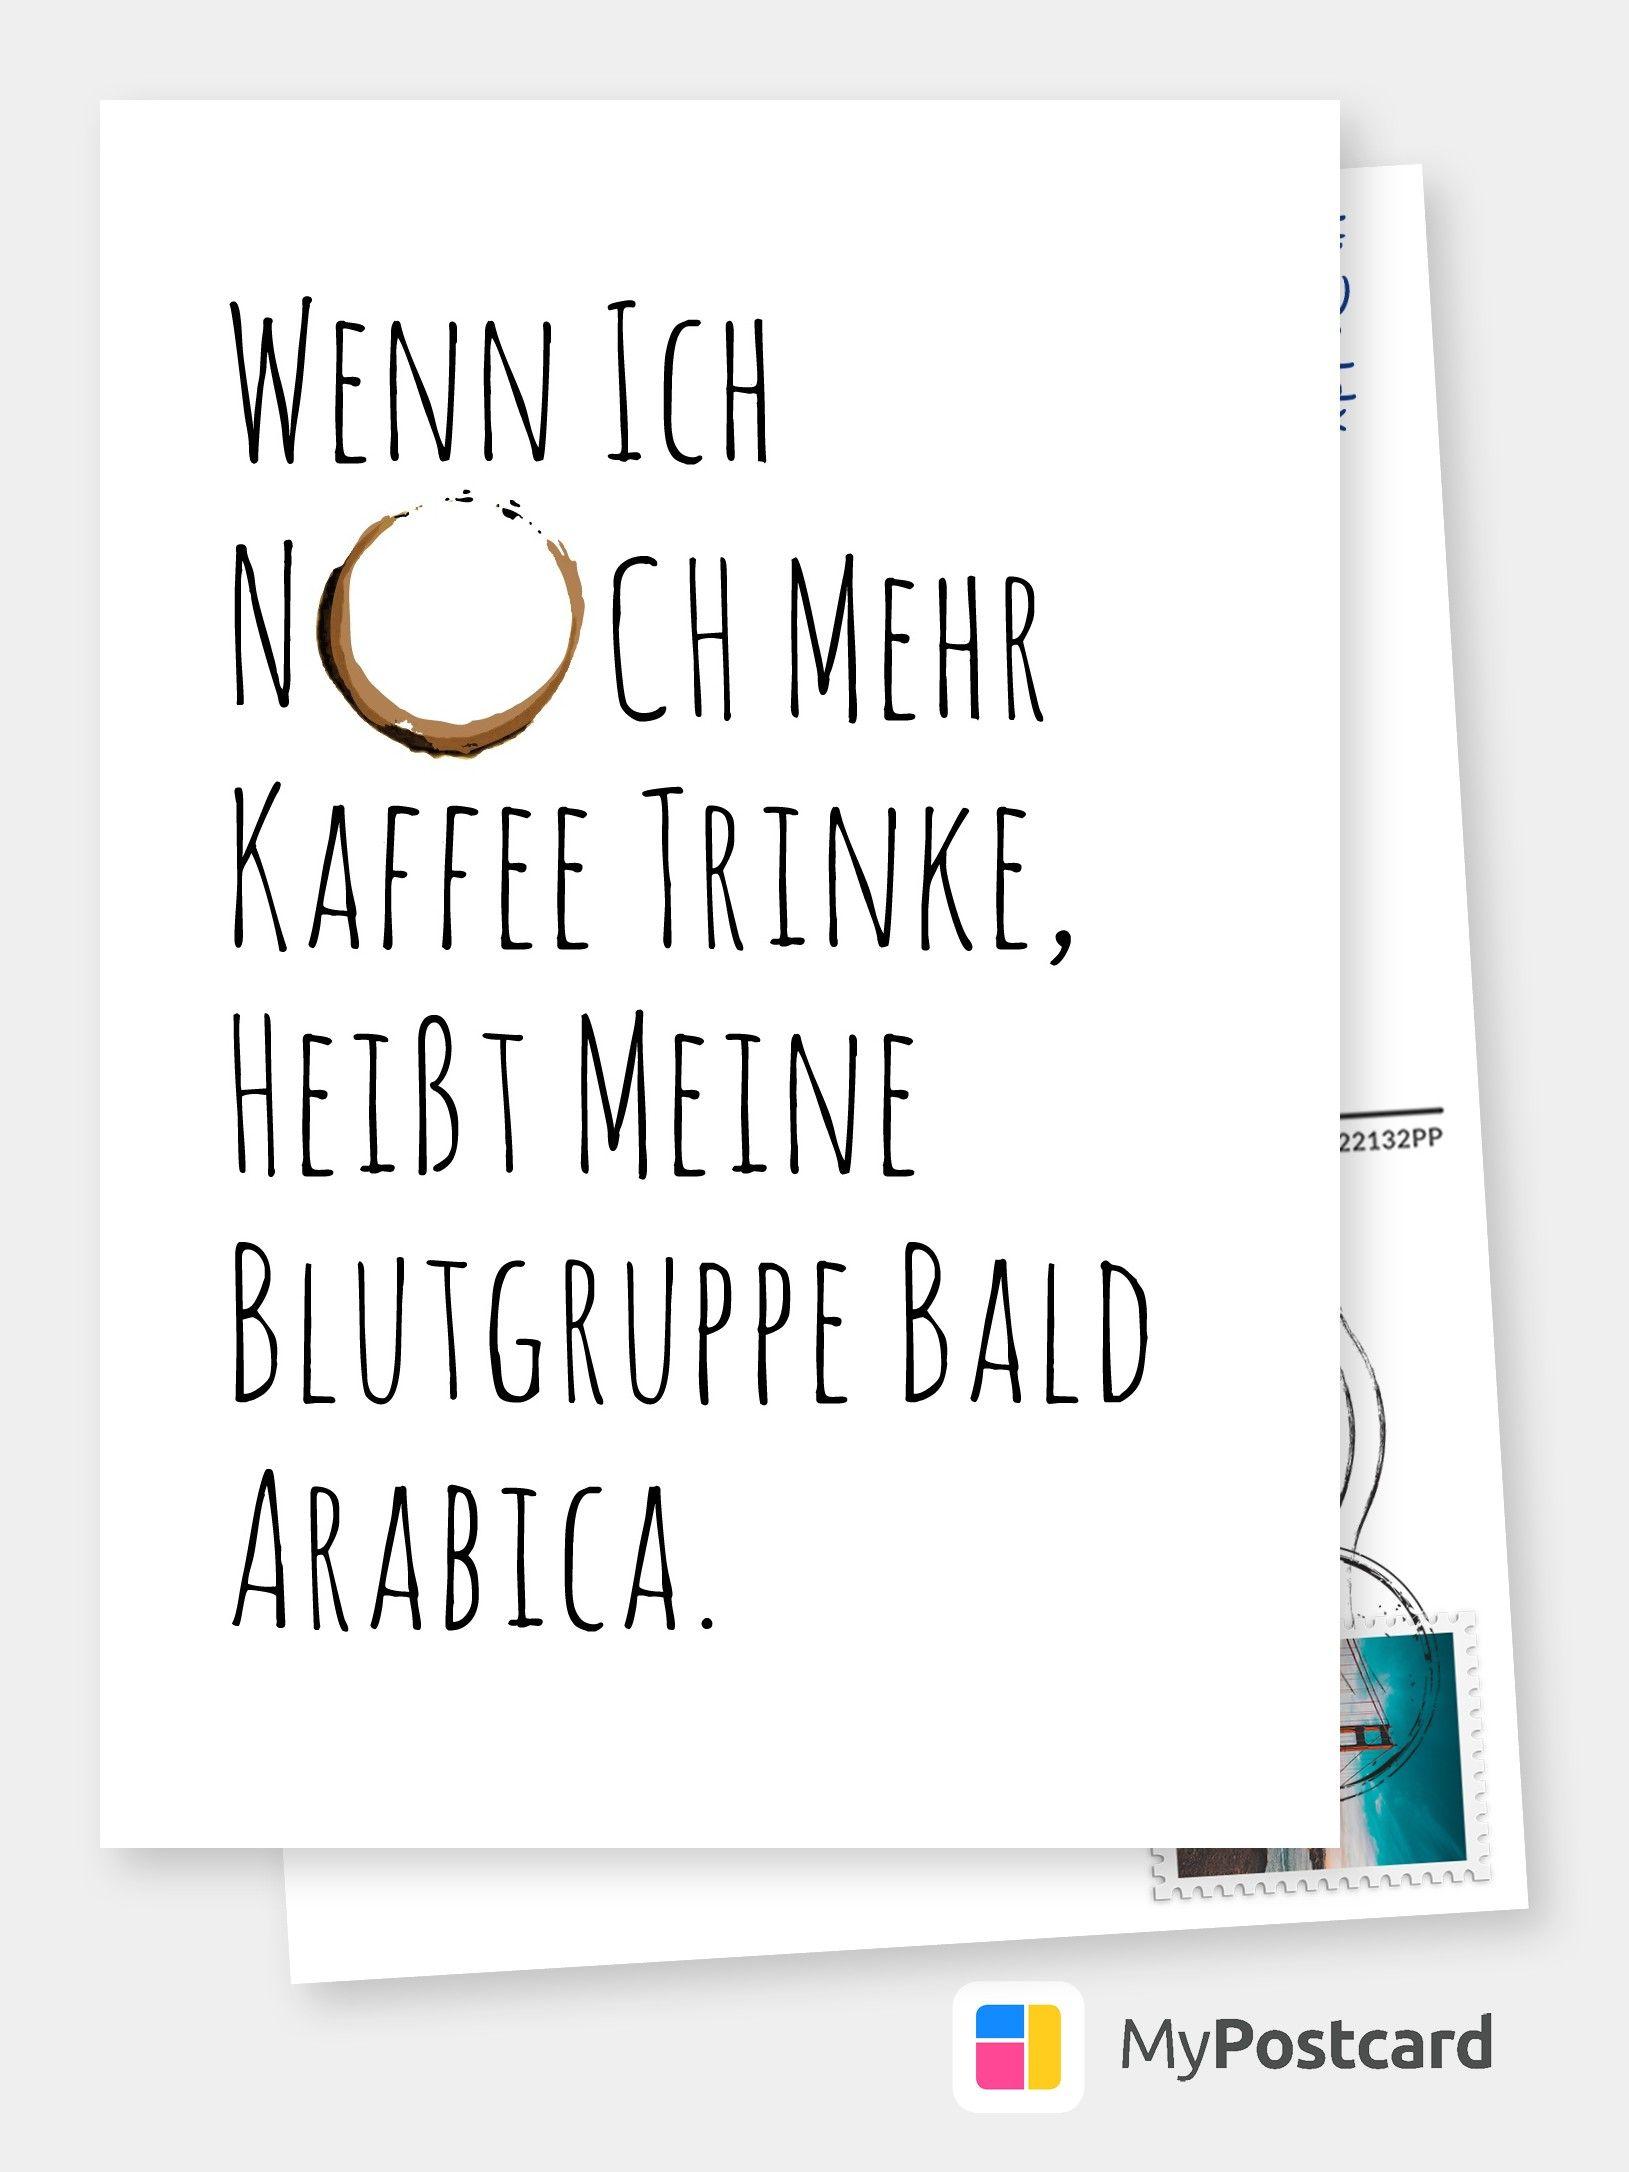 Arabica Witzige Karten Spruche Echte Postkarten Online Versenden Lustige Postkarten Karten Spruche Postkarte Verschicken